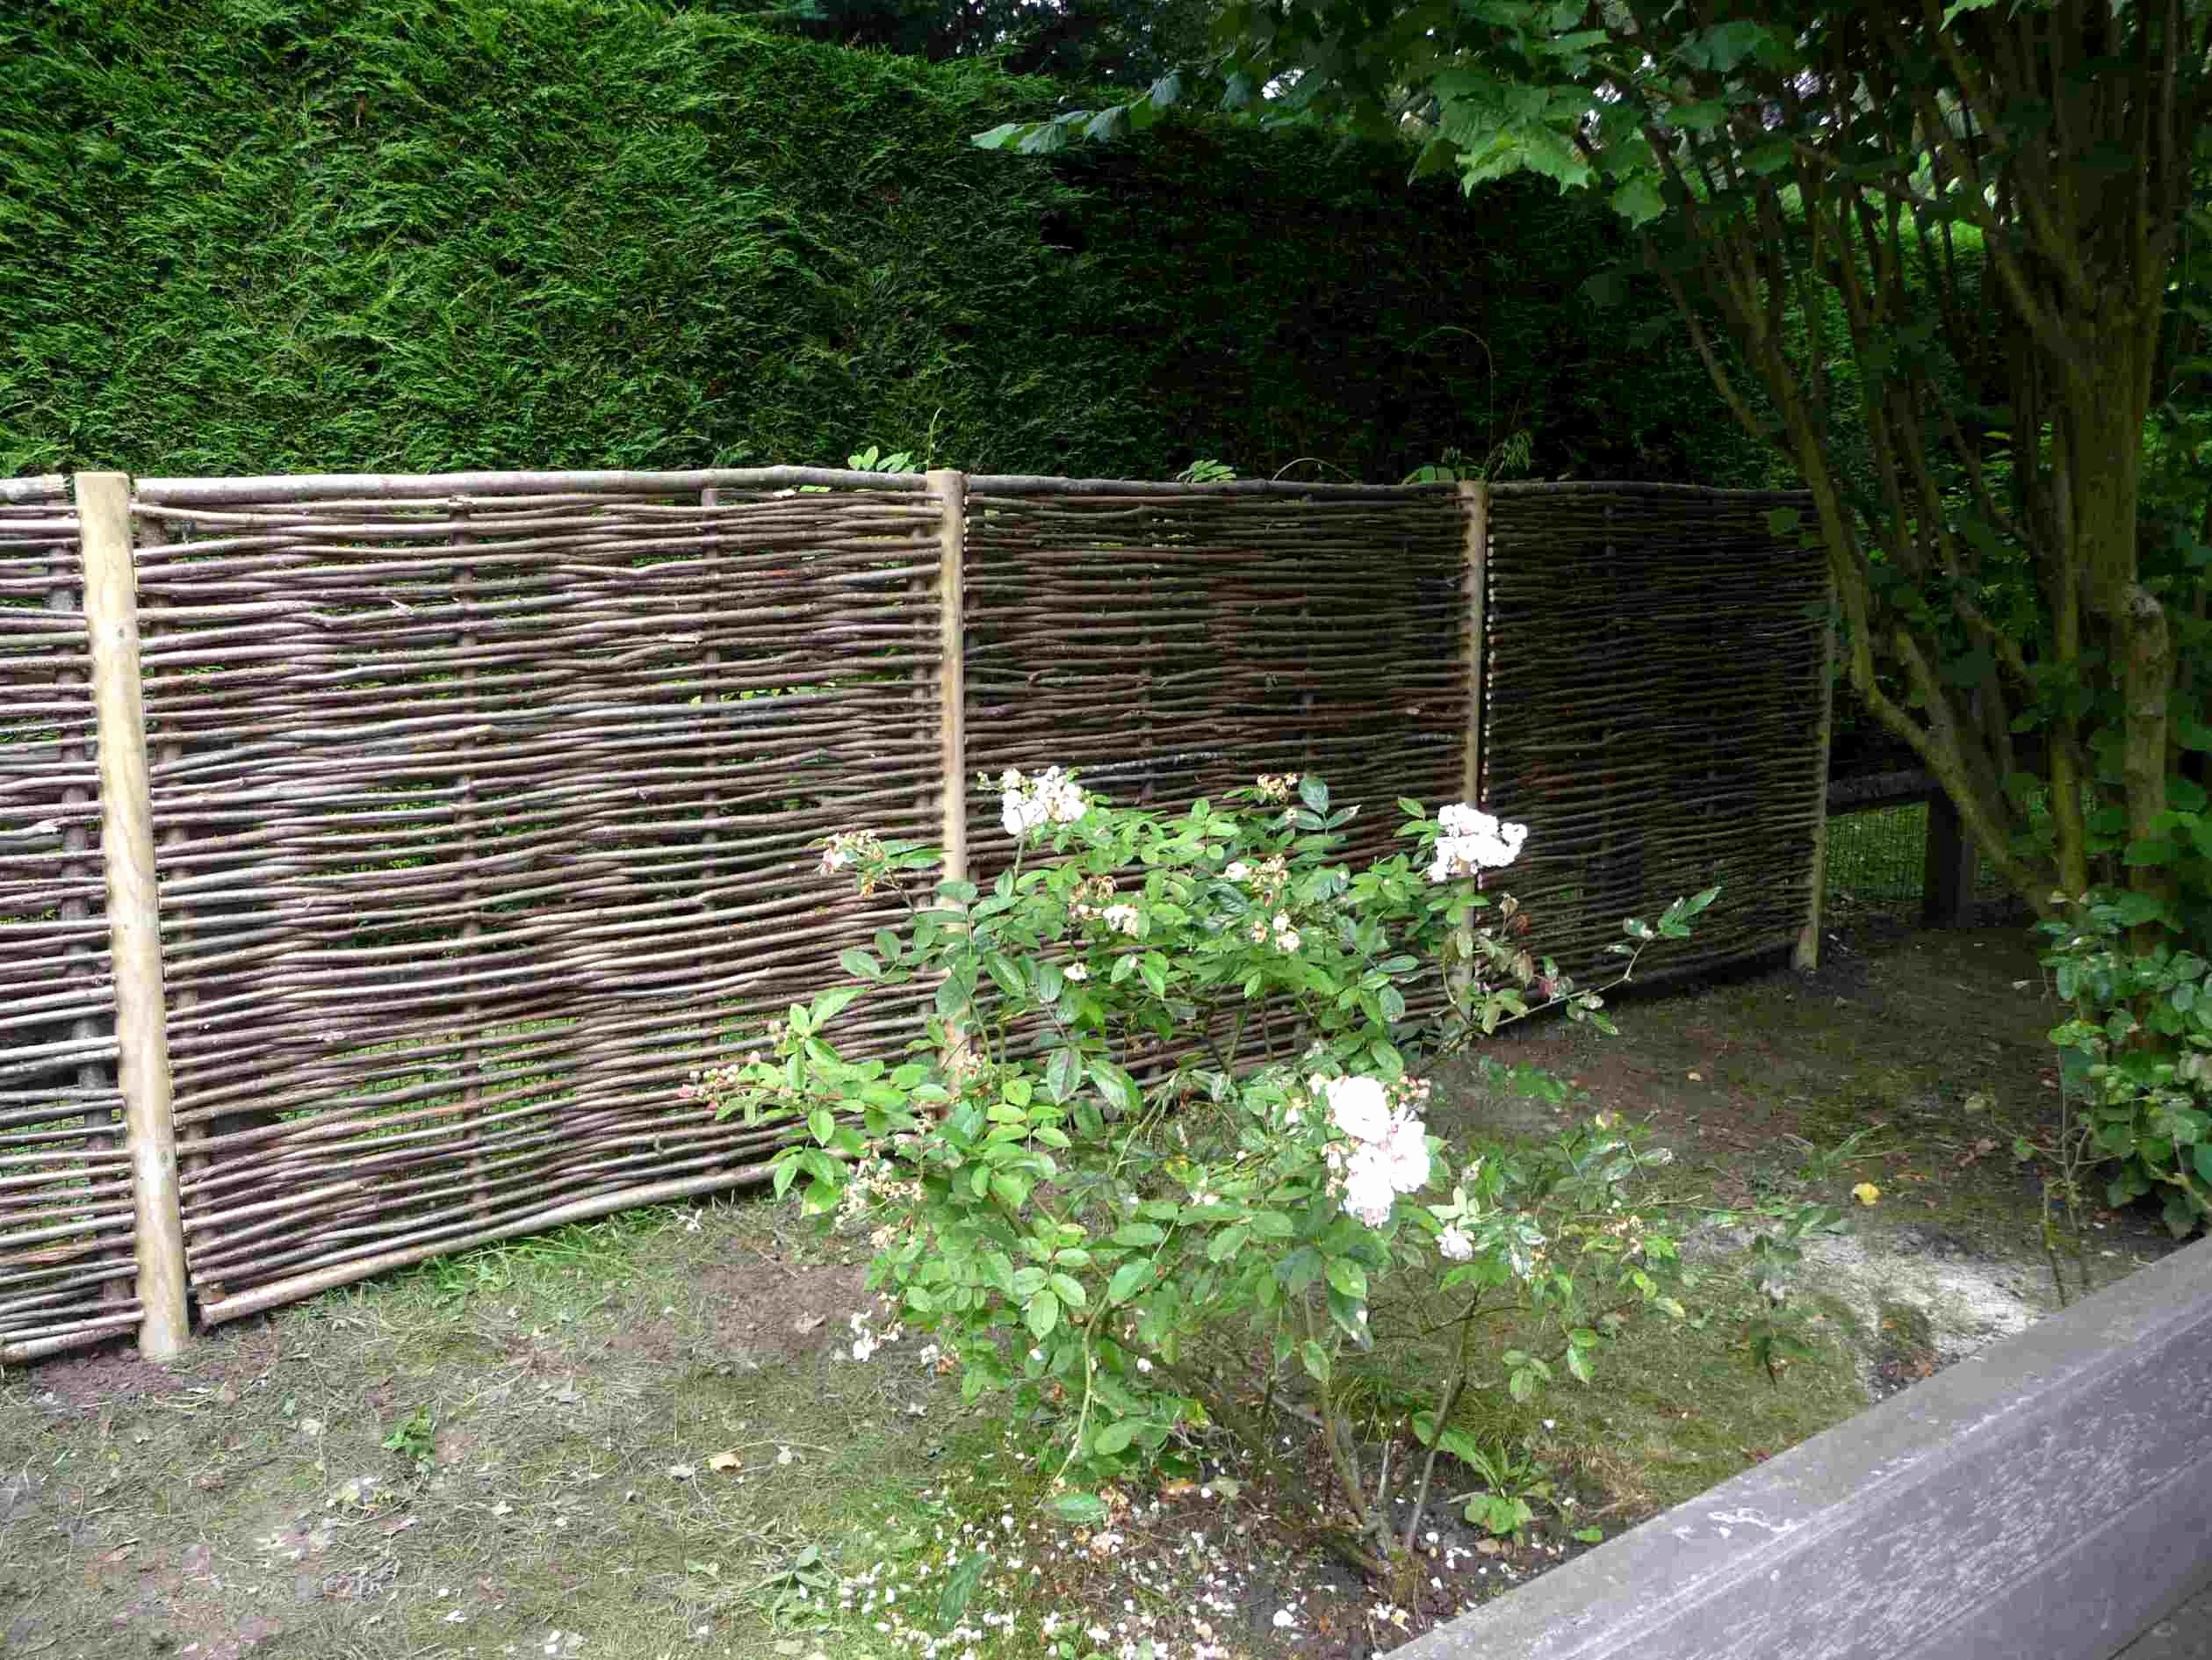 Cloture Moderne Pas Cher Impressionnant Images Cloture Pas Cher Jardin Génial Cloture Jardin Pas Cher De Rétro